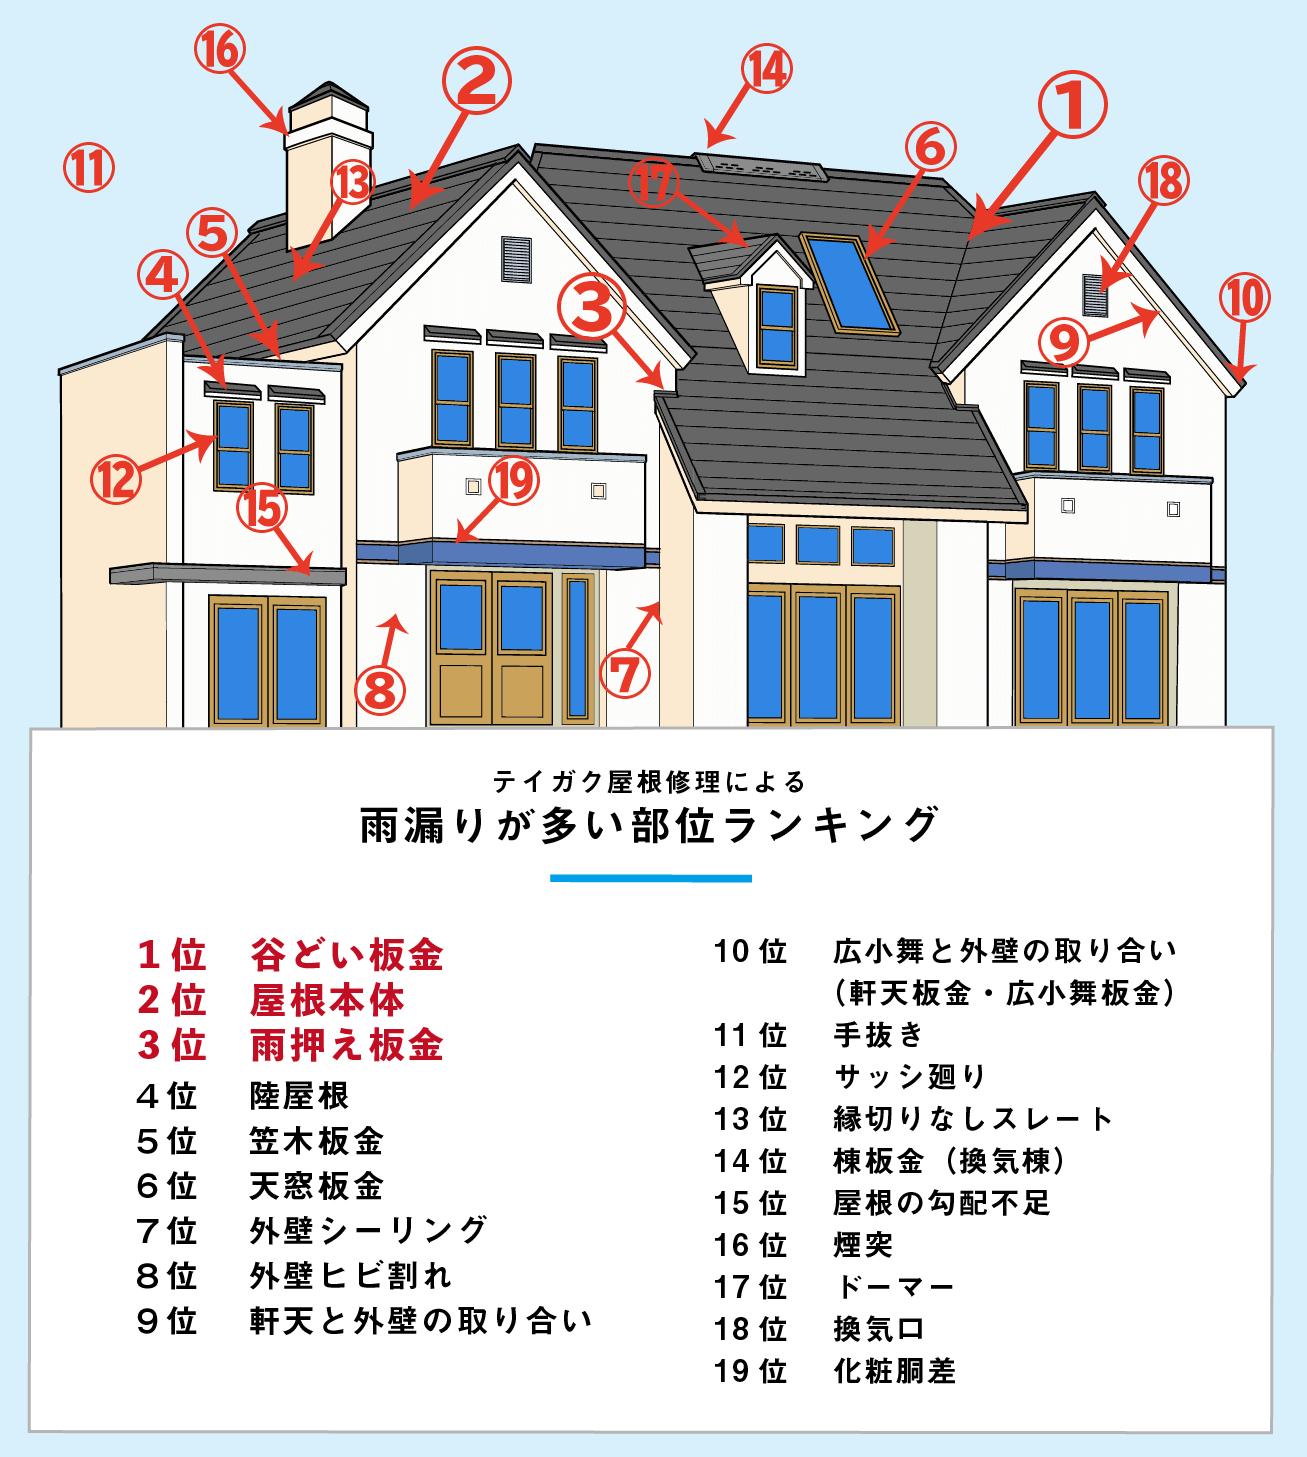 雨漏り修理頻度ランキング